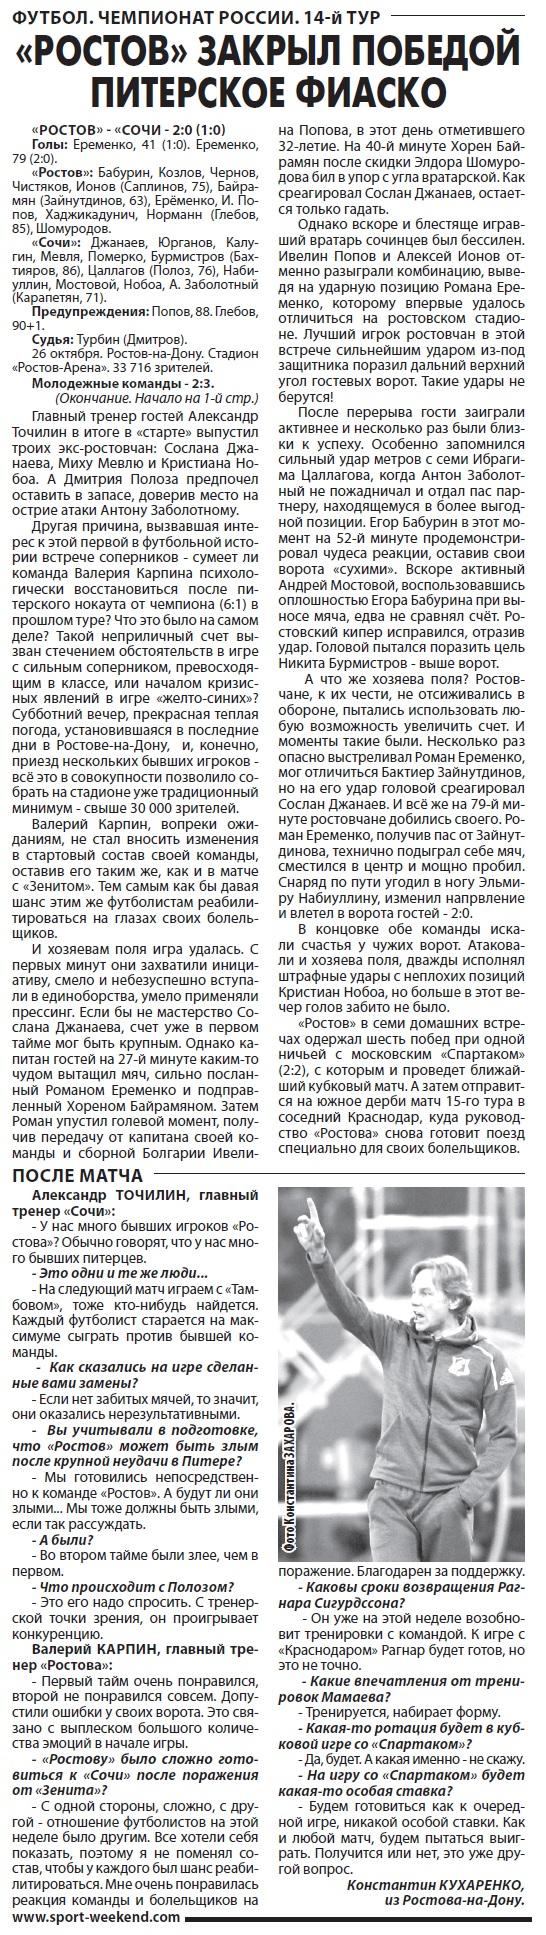 Ростов (Ростов-на-Дону) - Сочи (Сочи) 2:0